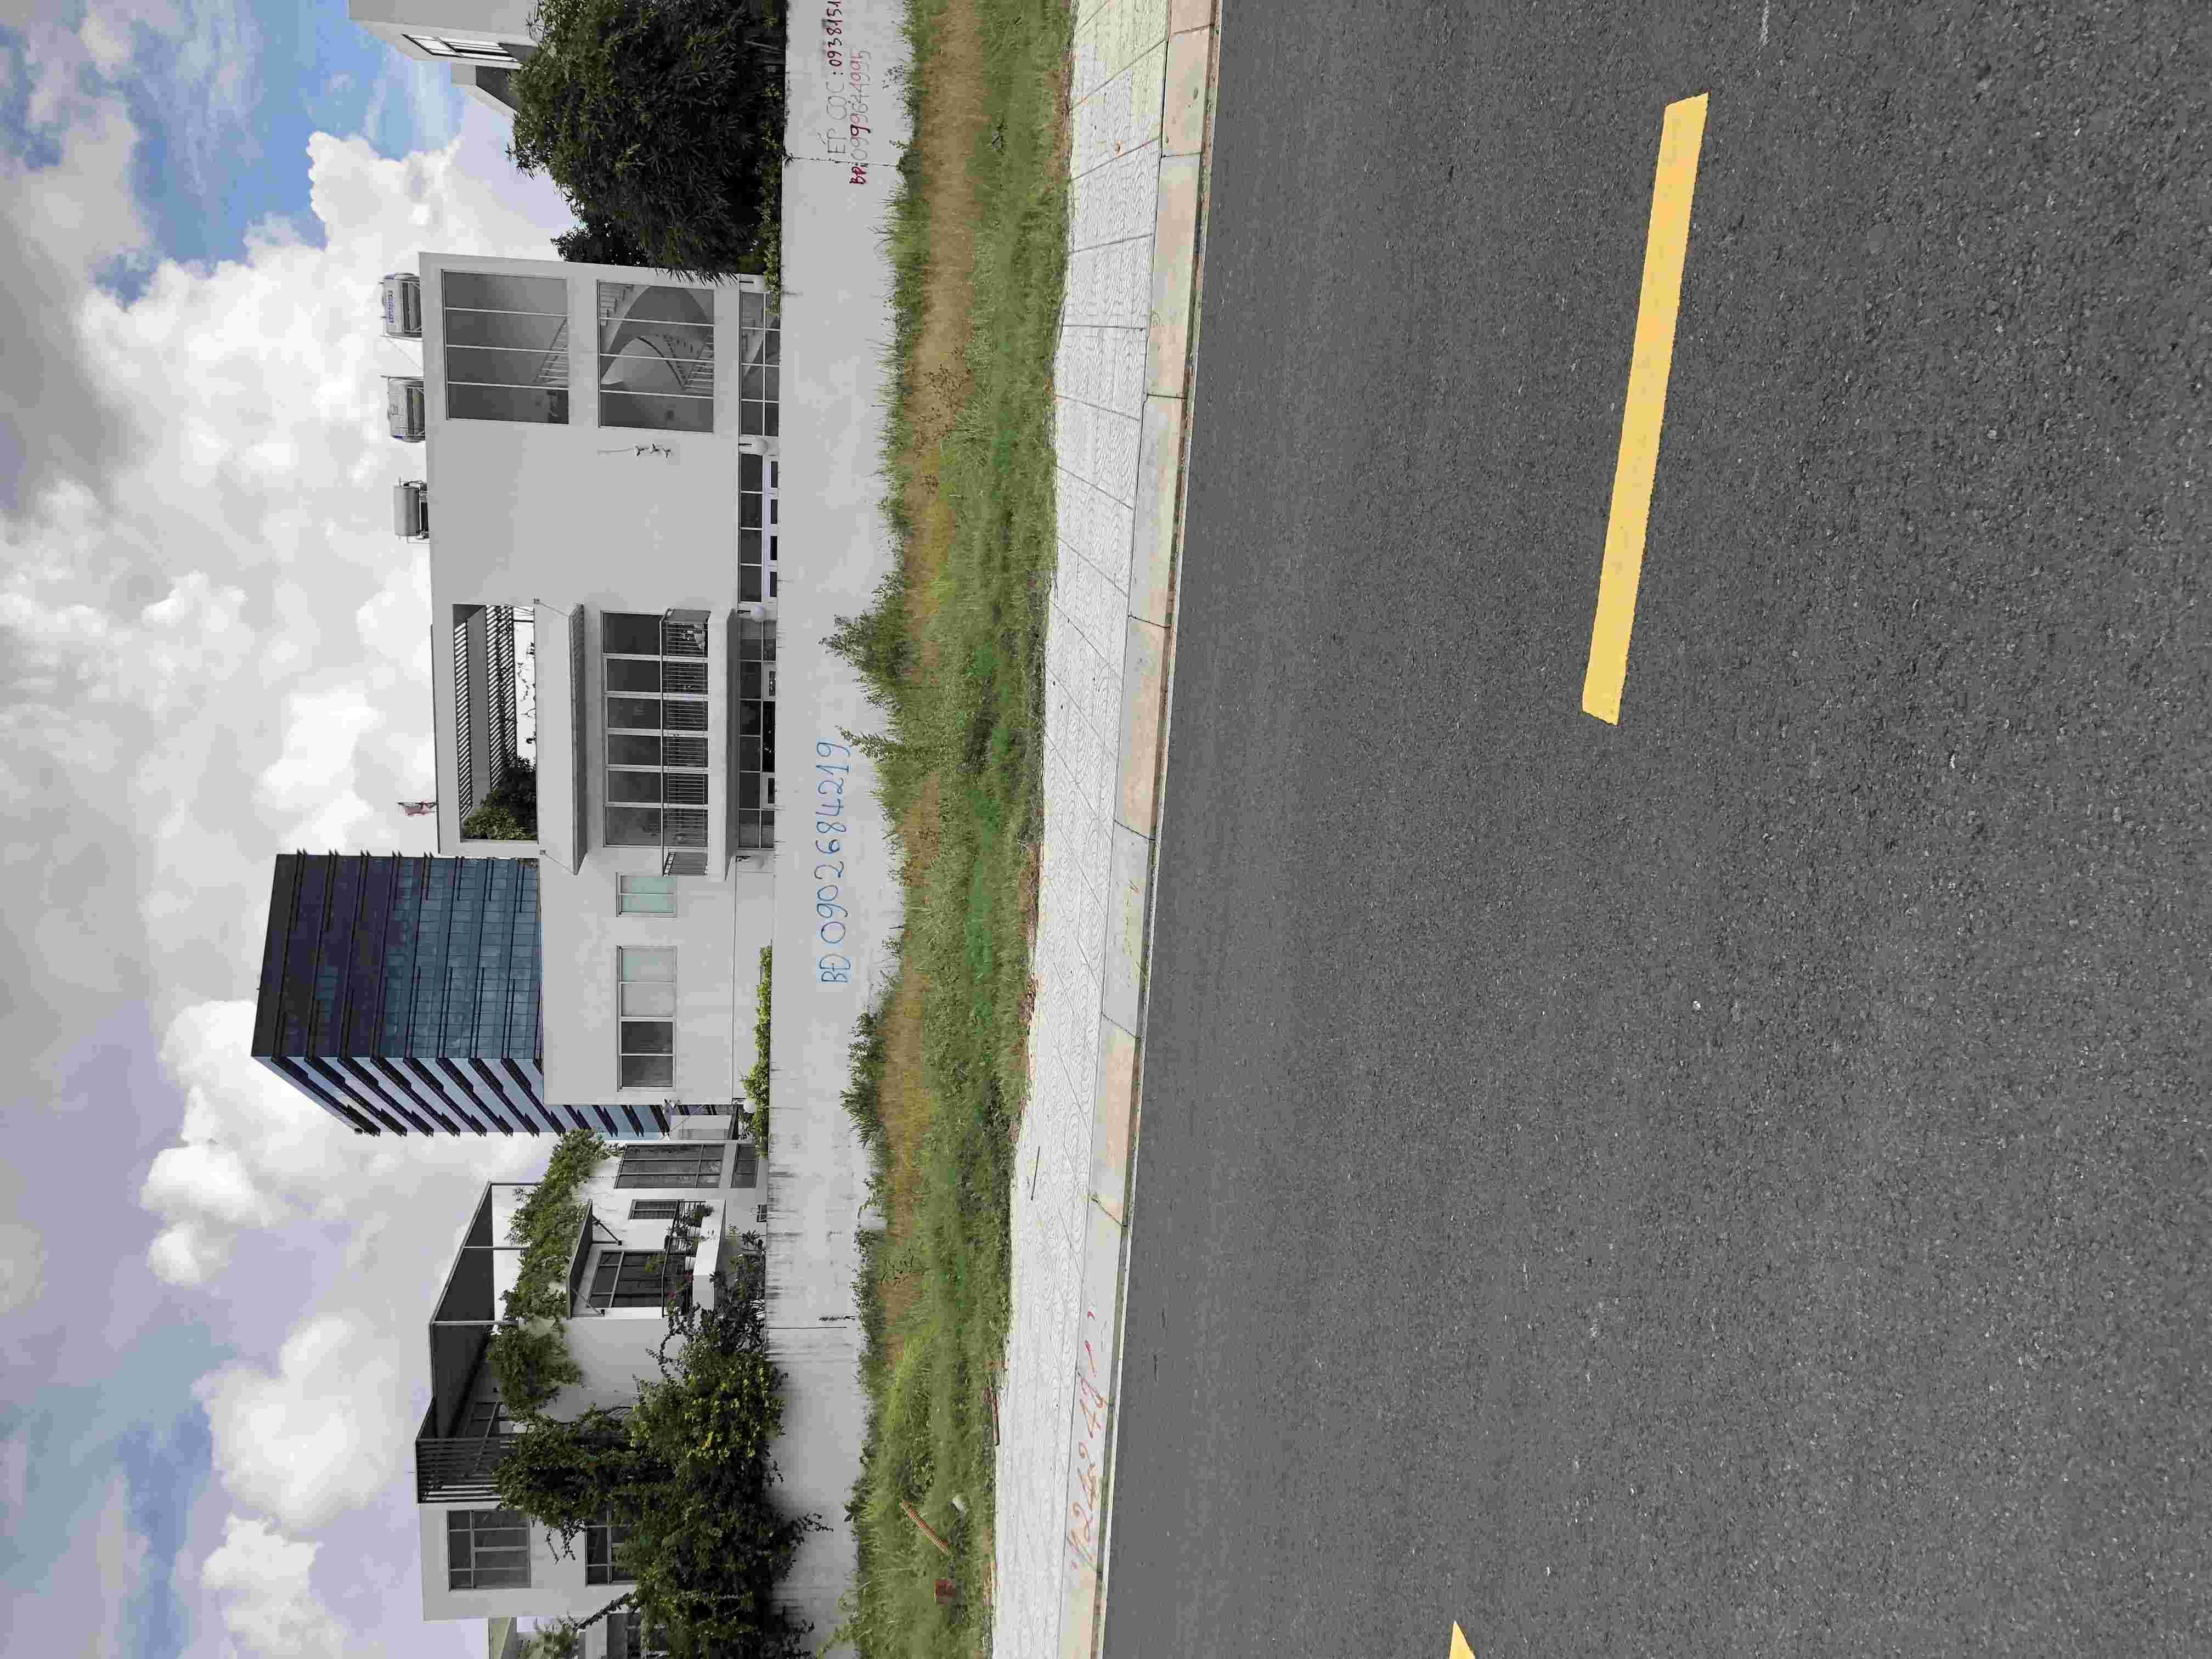 Bán nền đất biệt thự dự án Sadeco Nghỉ Ngơi Giải Trí giá rẻ 80 triệu/m2, nền B1-08, diện tích 300m2. LH: 0913.050.053  Mr Huynh.